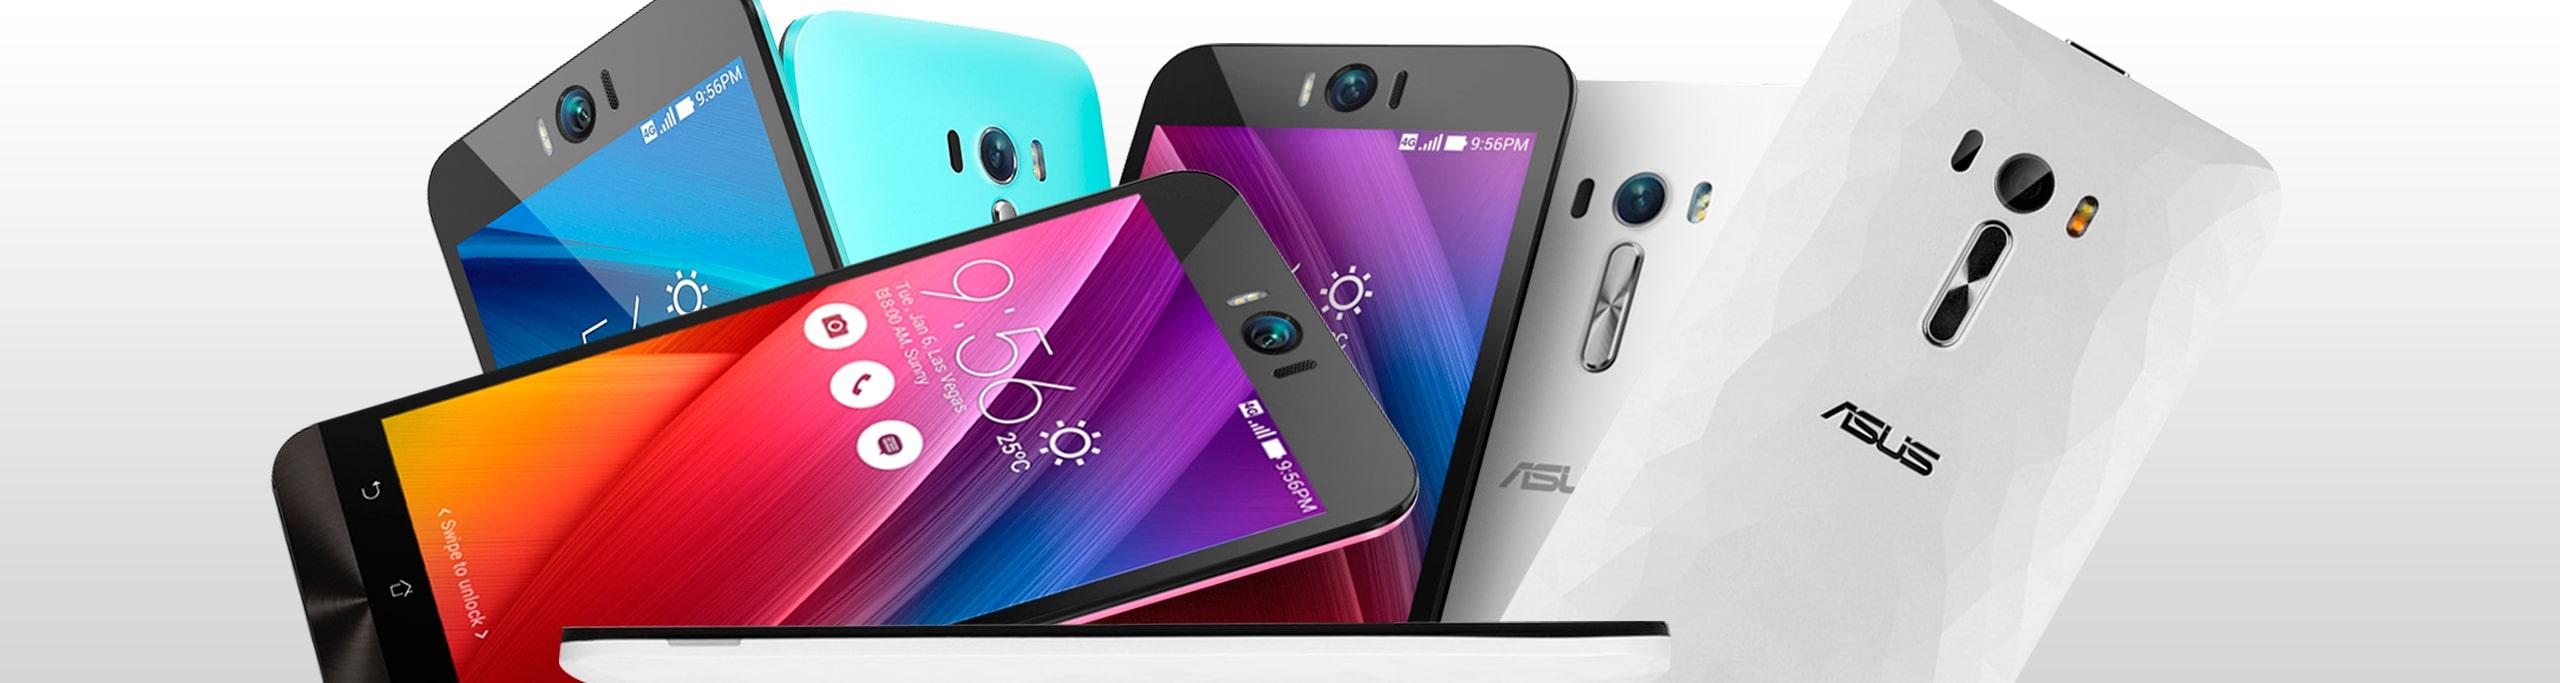 Zenfone Selfie (ZD551KL) (ZOOUD)